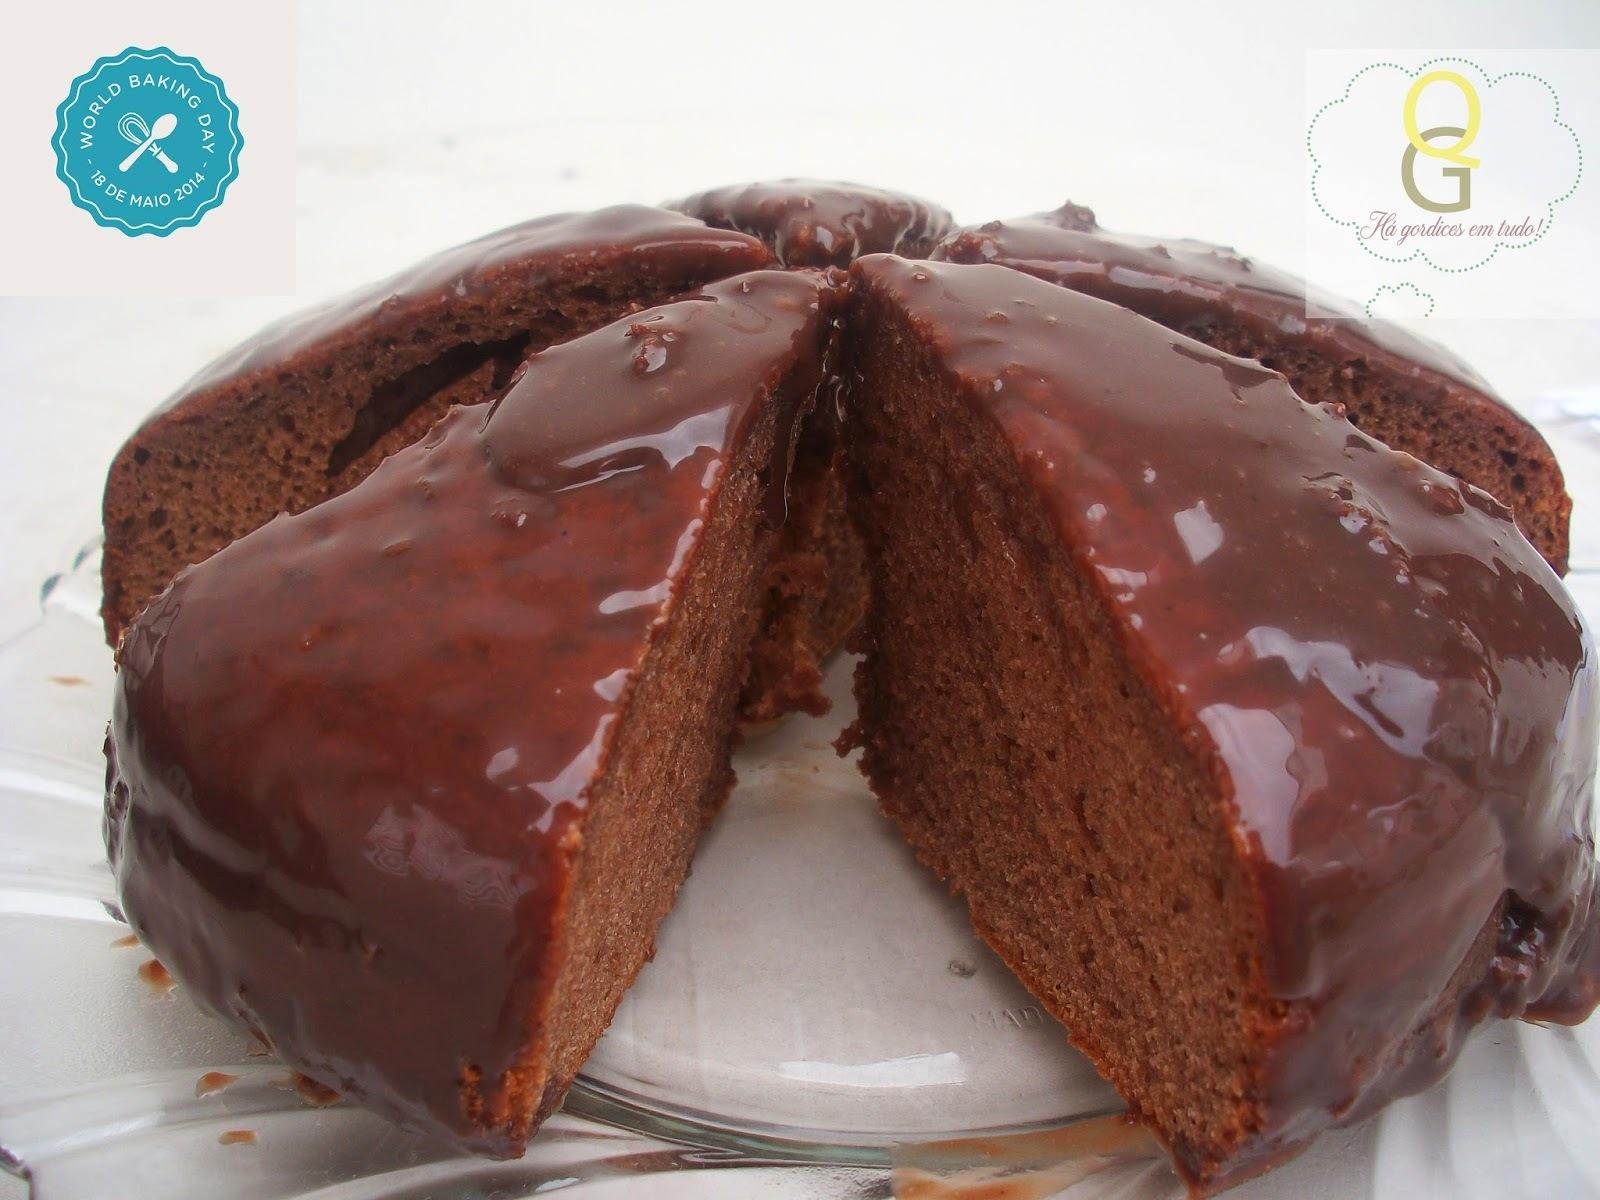 Bolo de Brigadeiro com Calda de Brigadeiro - World Baking Day!